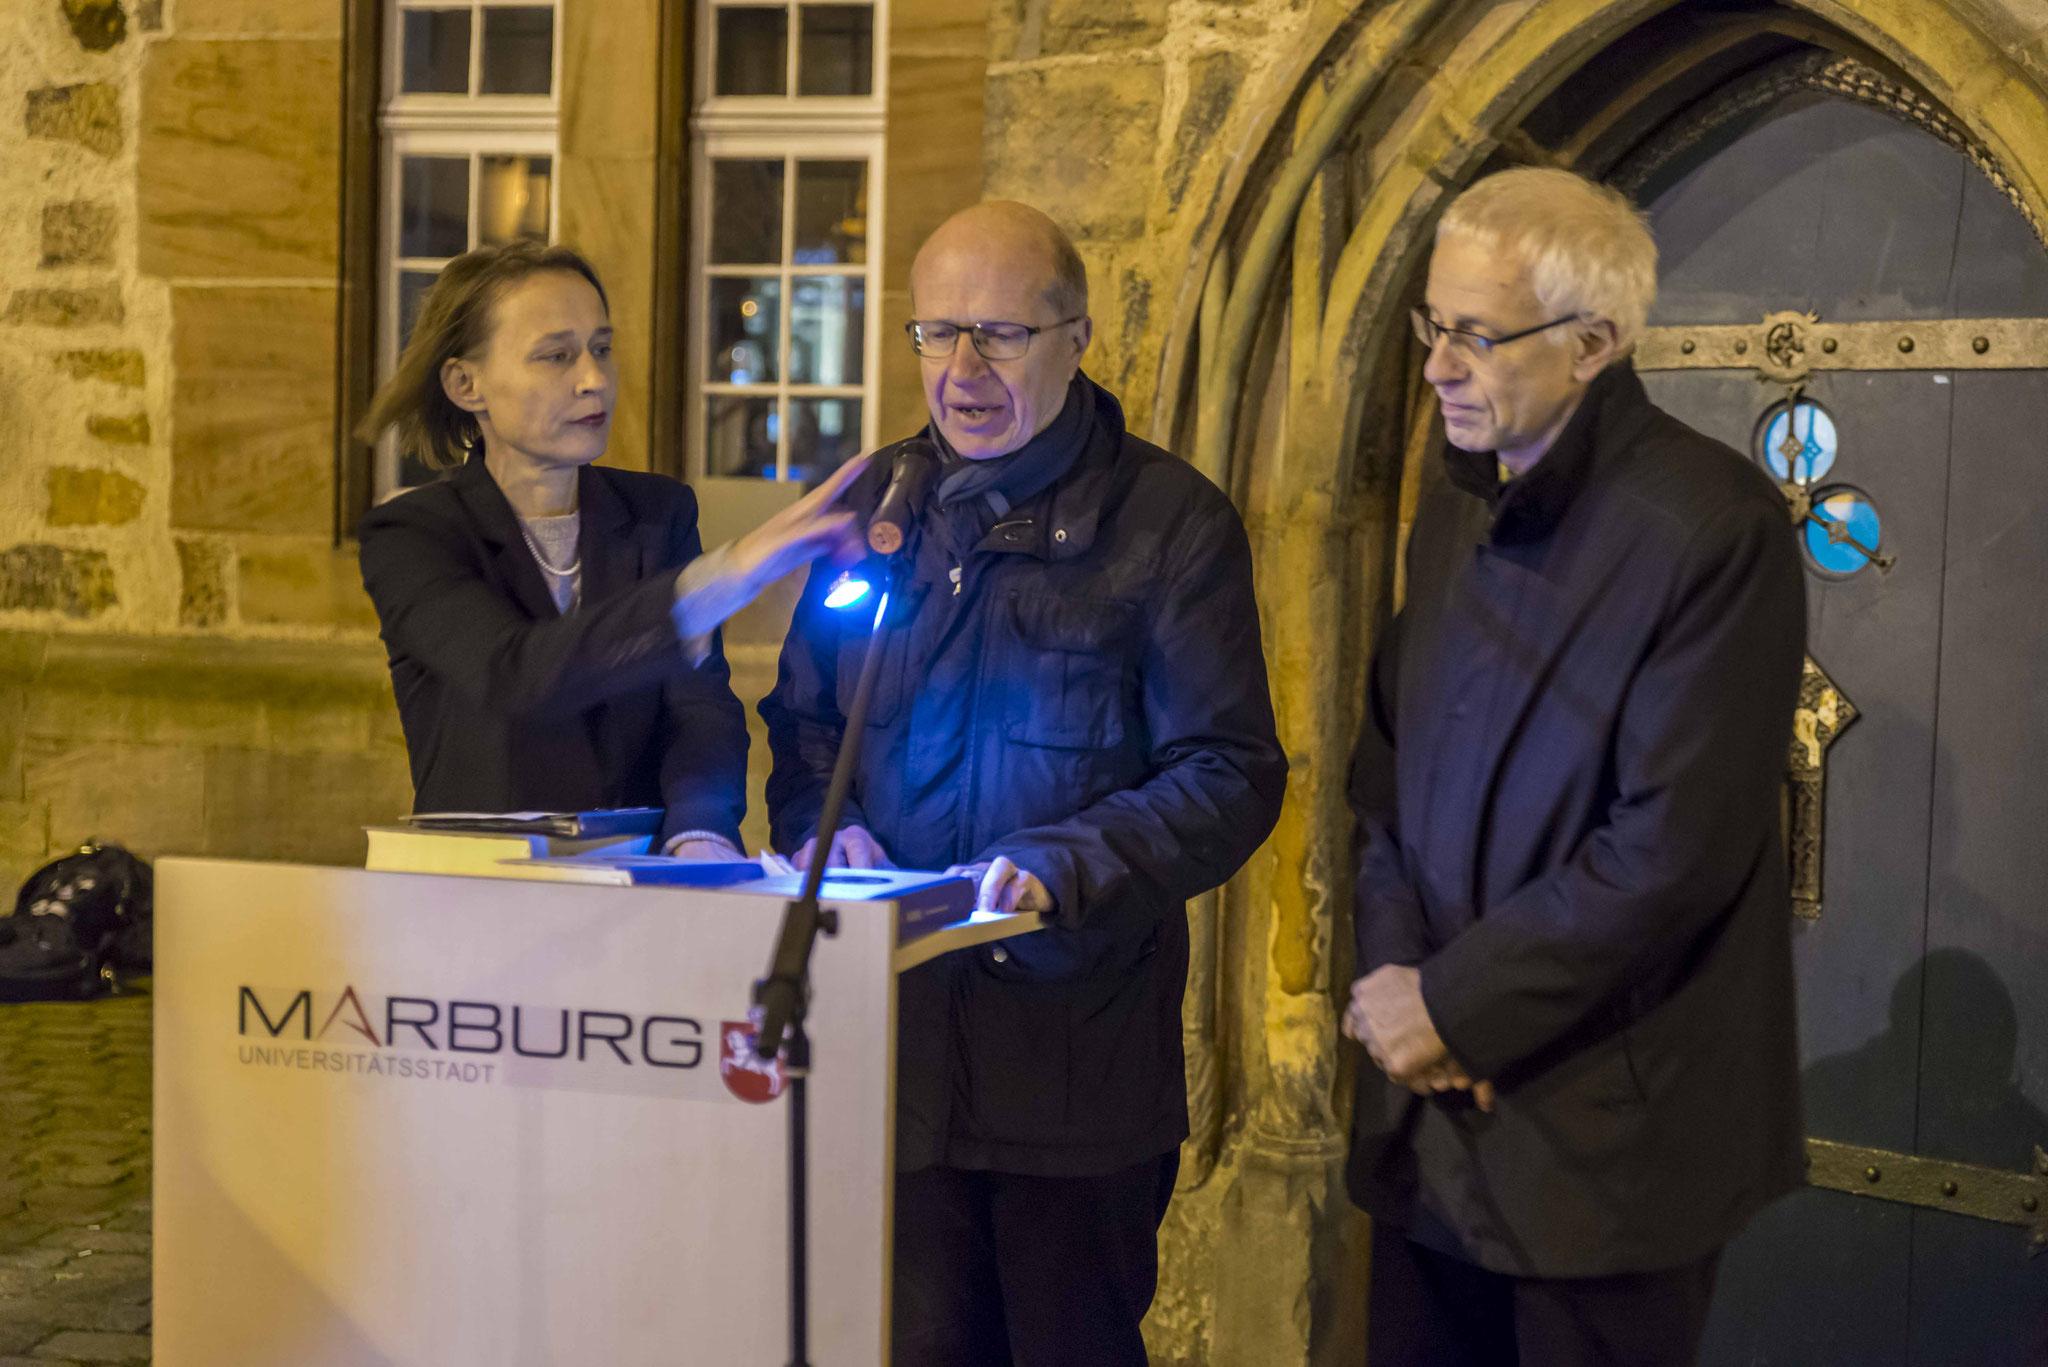 Pfarrerin Katja Simon, Dechant Franz Langstein, Propst Helmut Wöllenstein